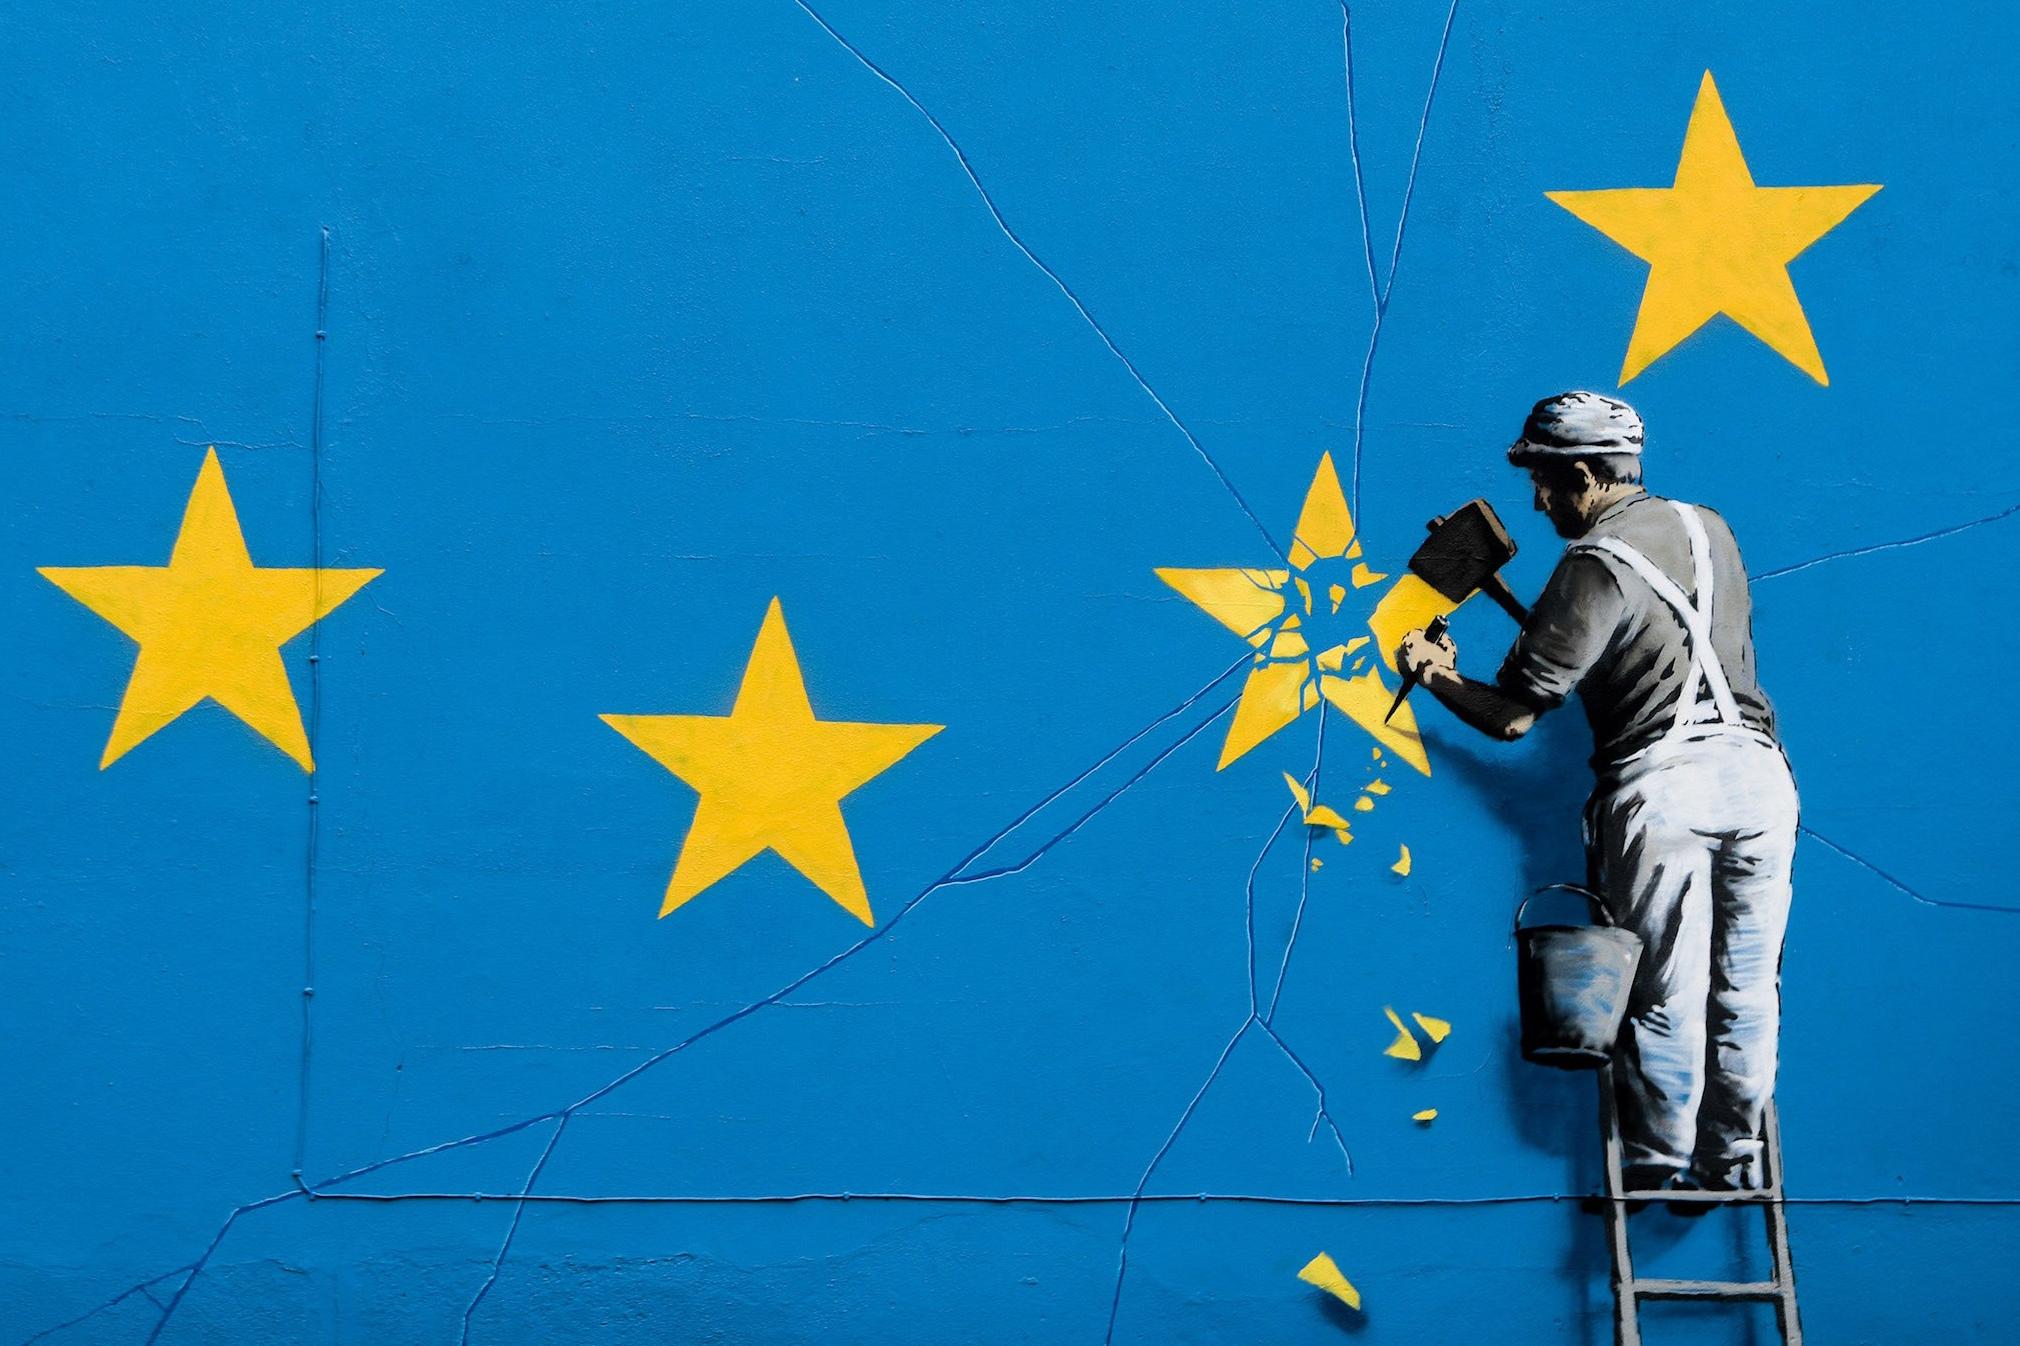 images/lettera_economica/altan-elezioni-europee-migranti